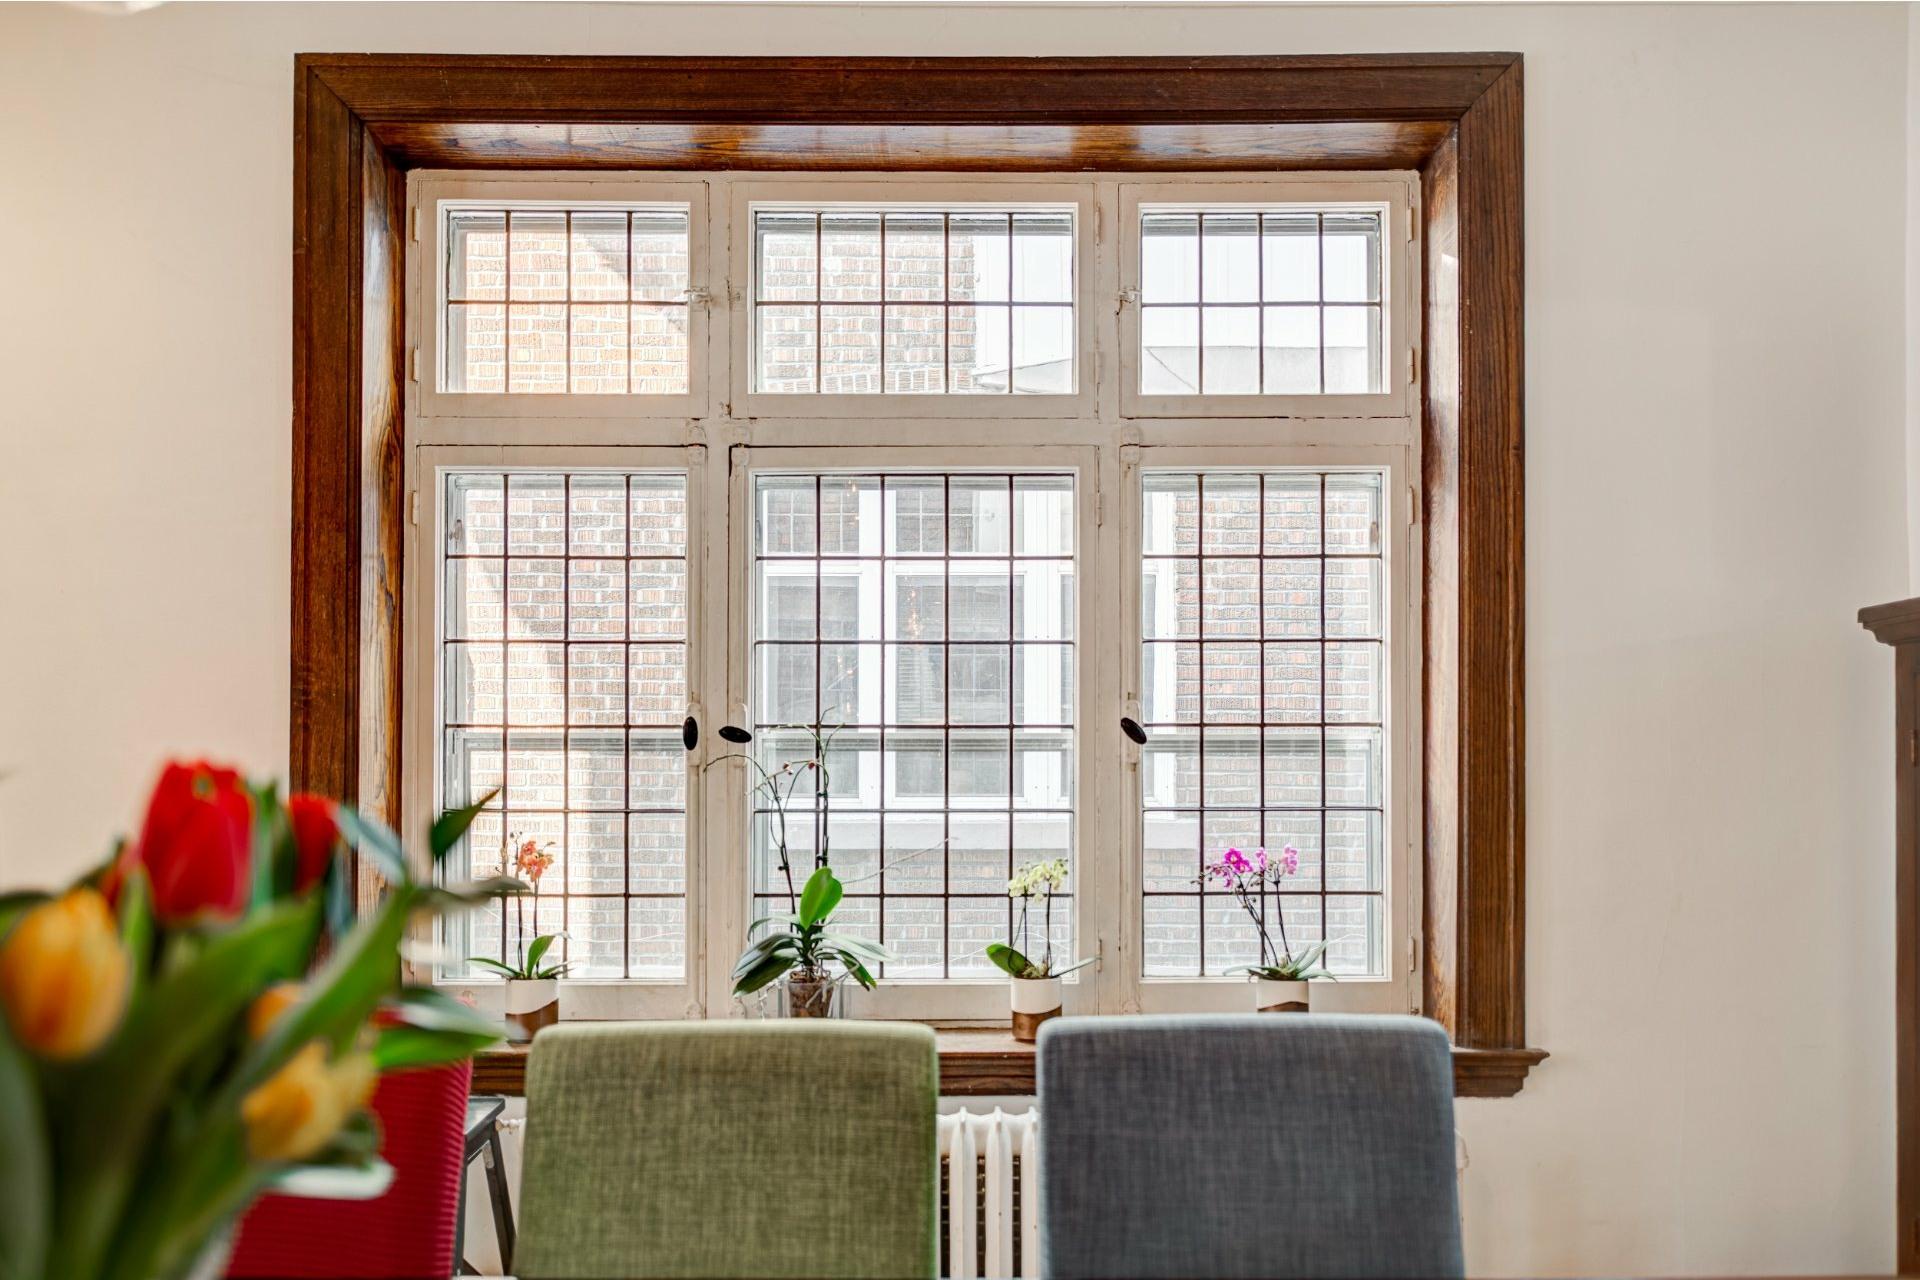 image 14 - House For sale Côte-des-Neiges/Notre-Dame-de-Grâce Montréal  - 10 rooms